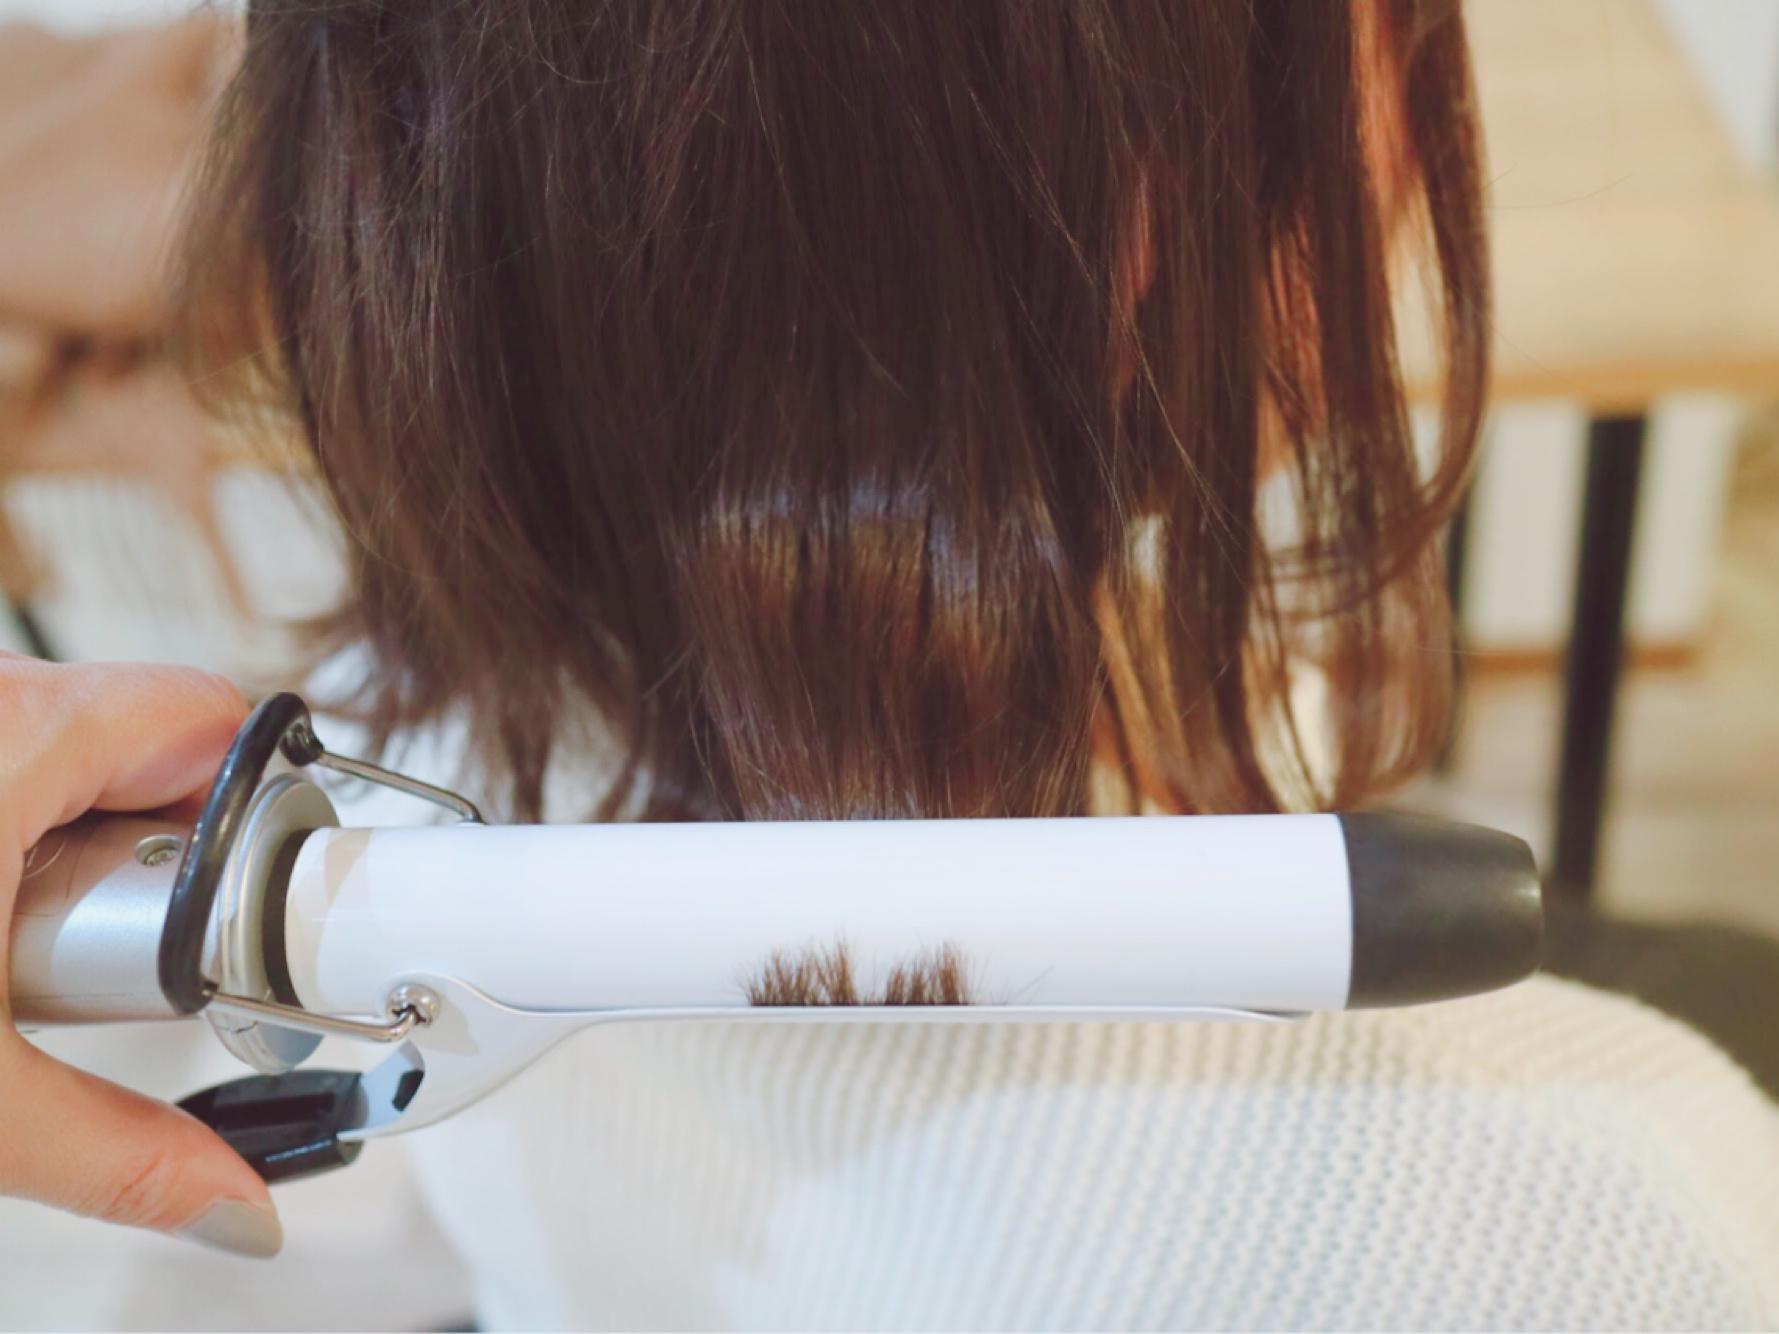 ボブさん向け!結婚式にも使える簡単ハーフアップ髪型&作り方ご紹介♪ で紹介している画像